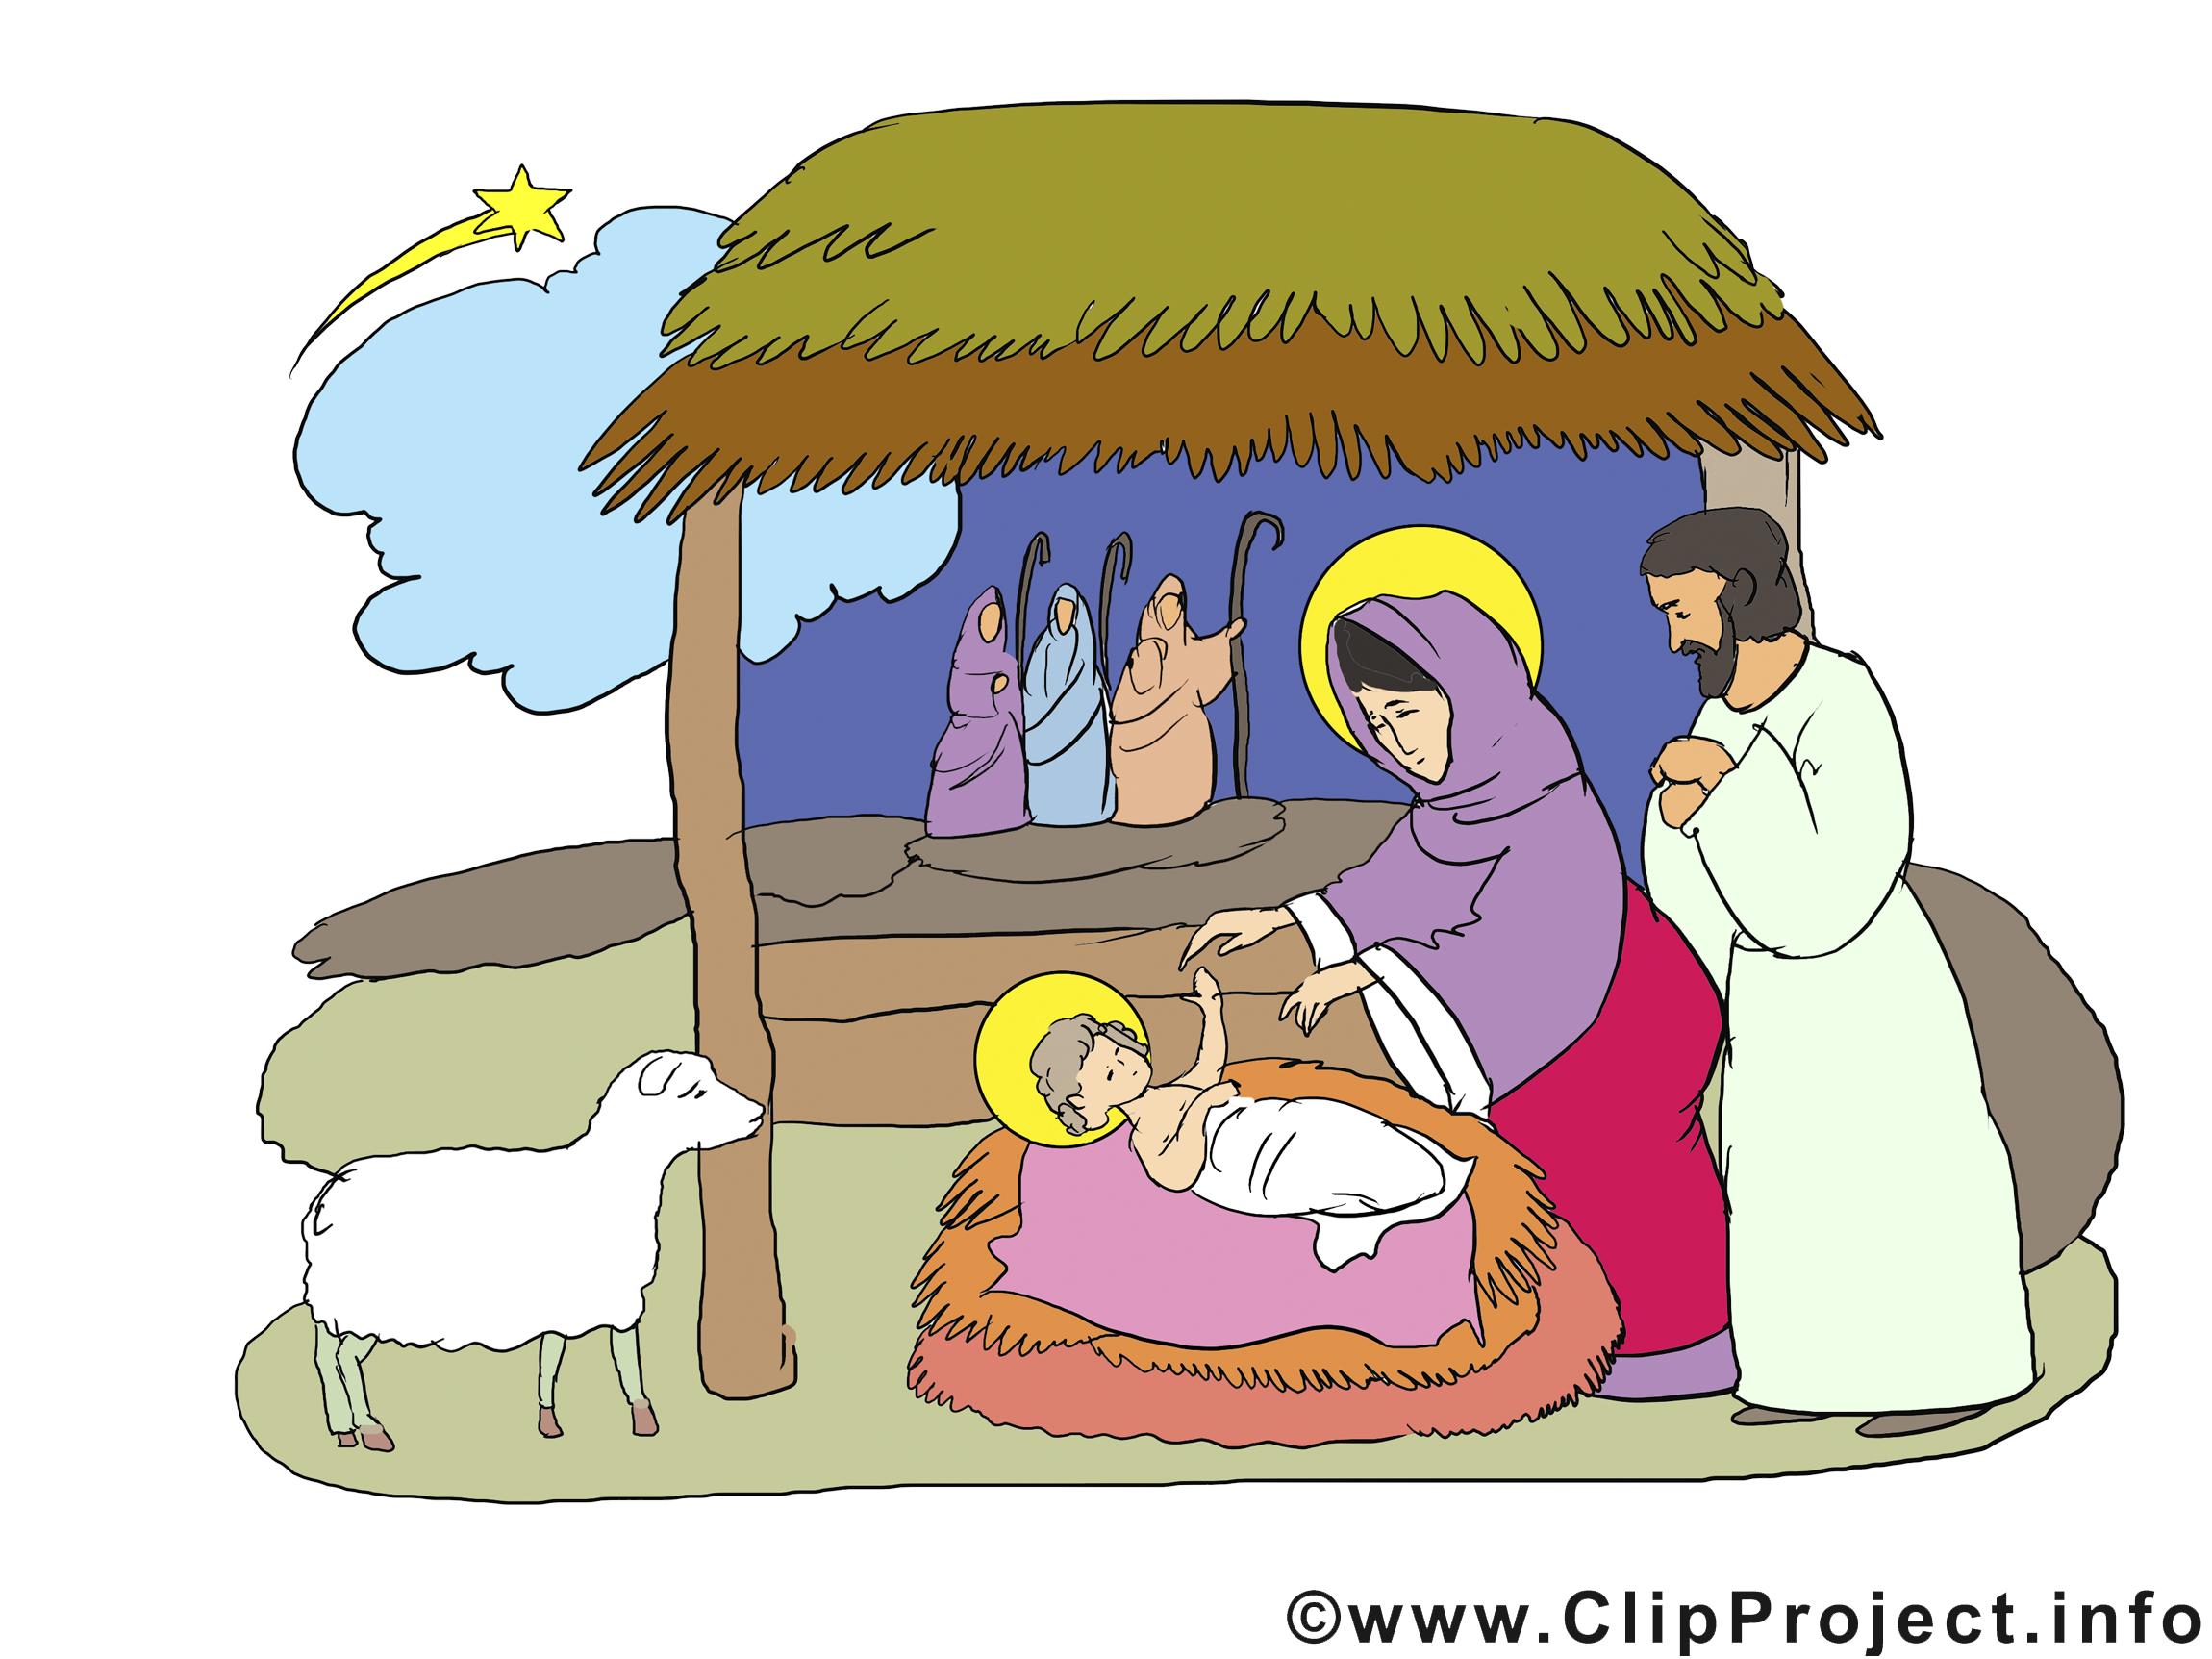 Weihnachtsbilder Mit Text Gratis.Weichnachtsort Clipart 20 Free Cliparts Download Images On